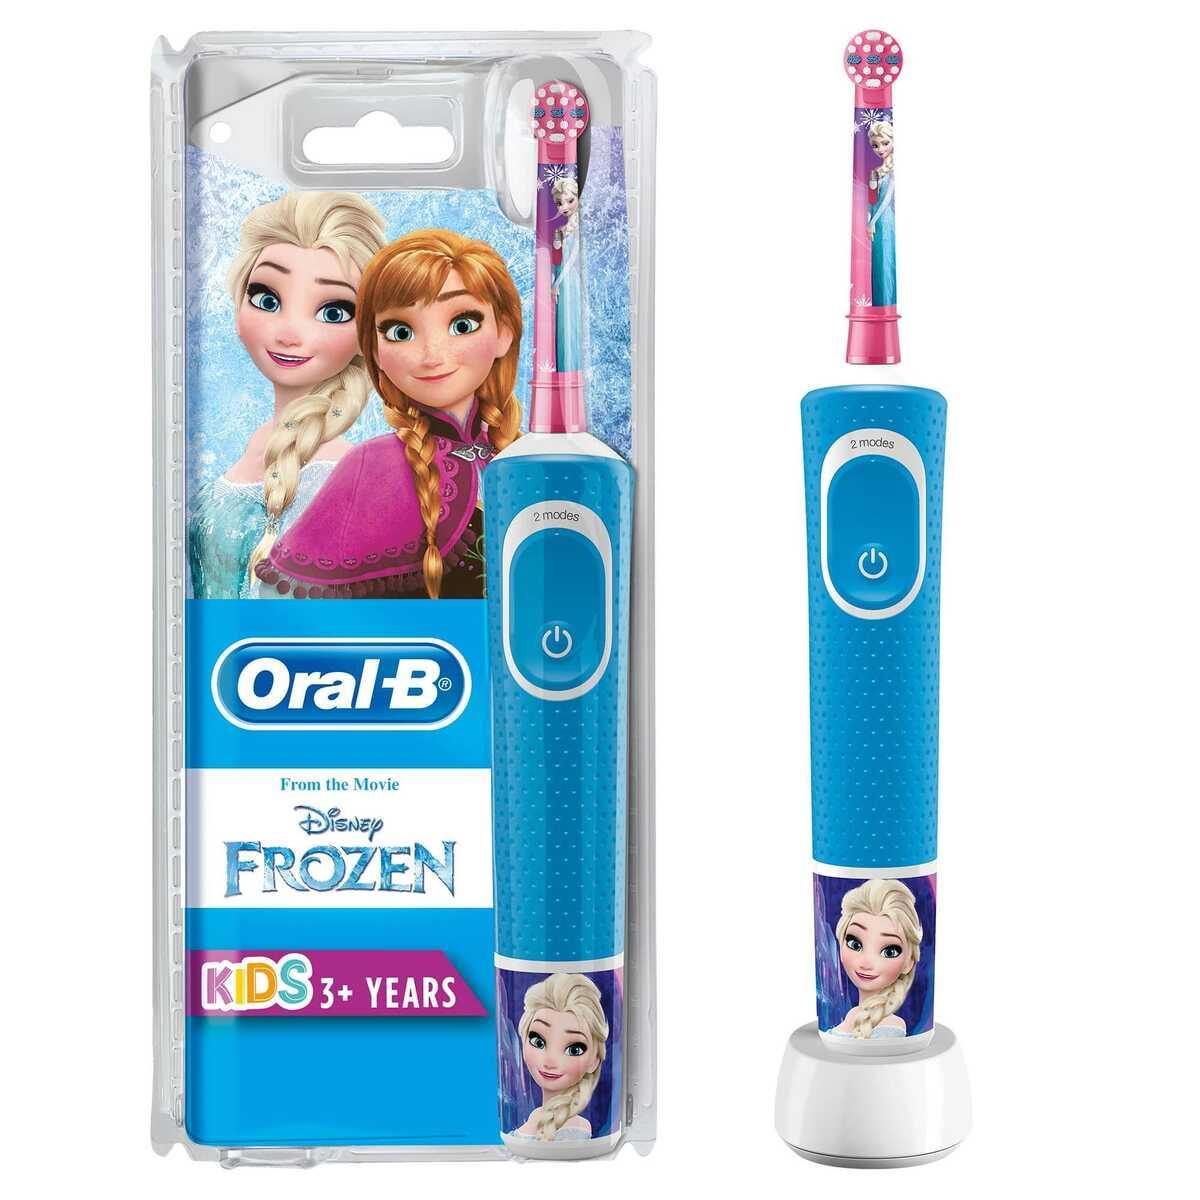 Oral-B D100 Vitality Frozen Özel Seri Çocuklar İçin Şarj Edilebilir Diş Fırçası